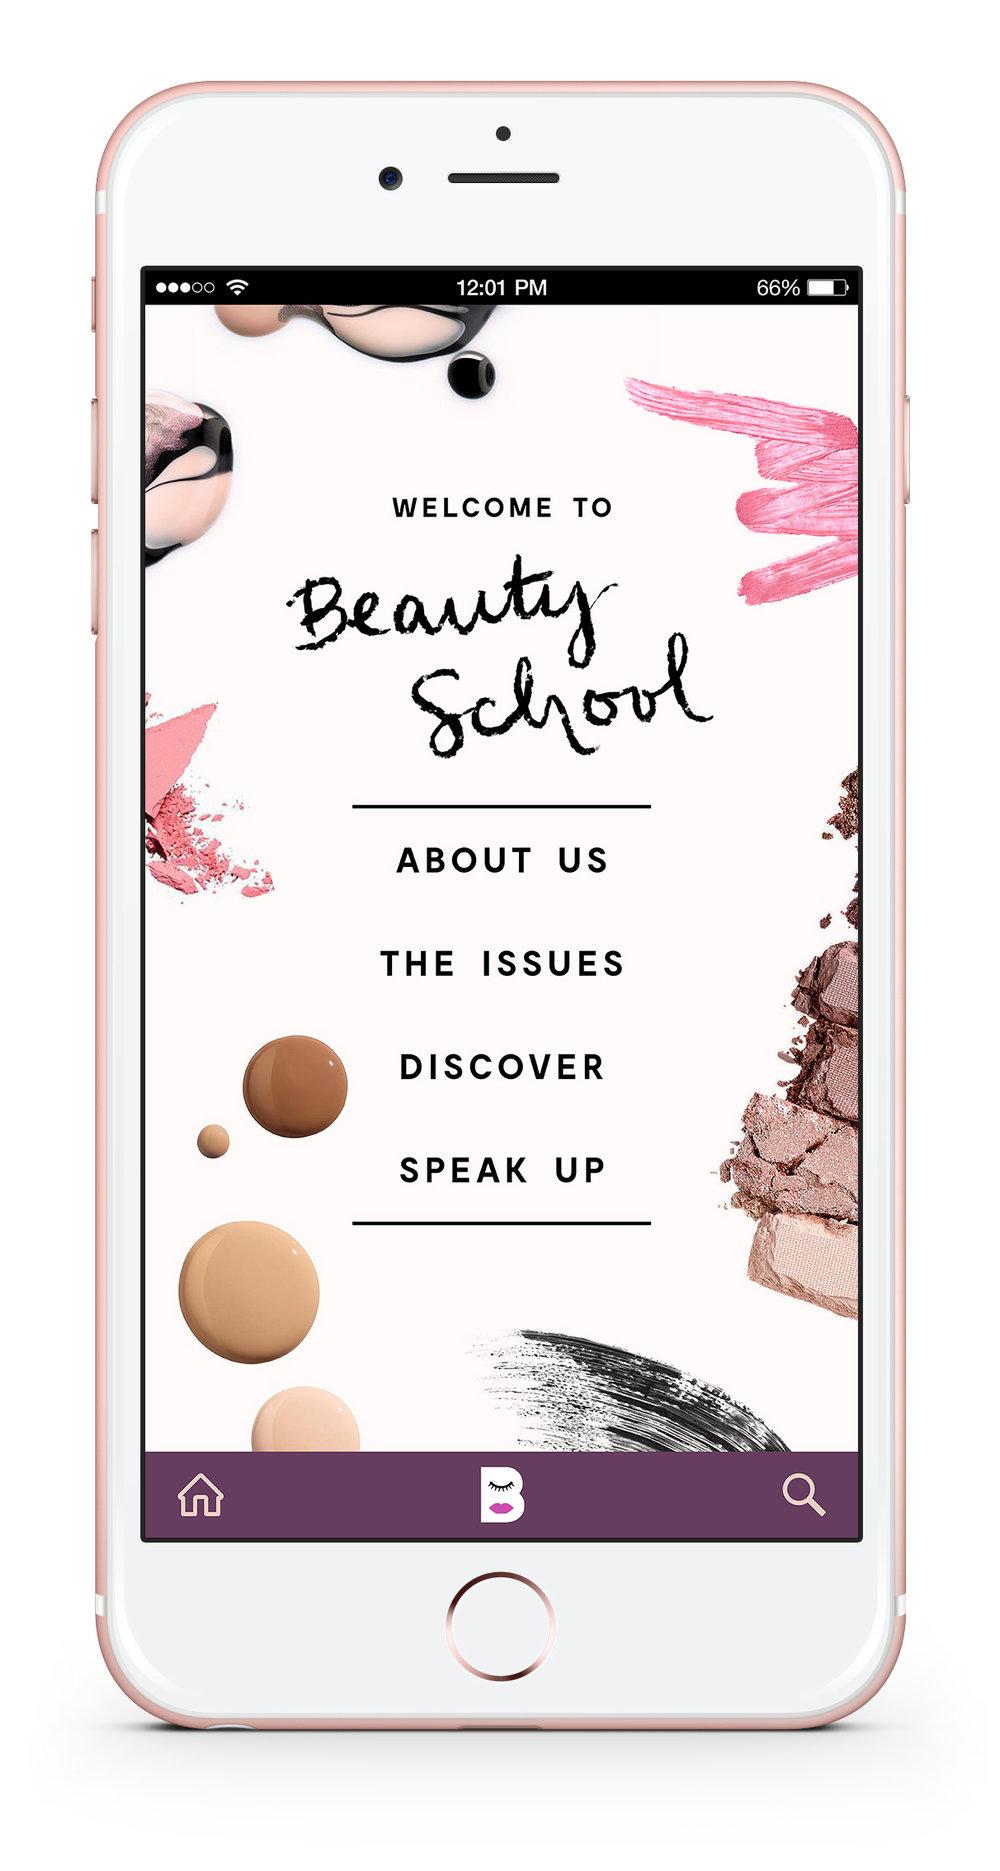 Beauty_School.jpg